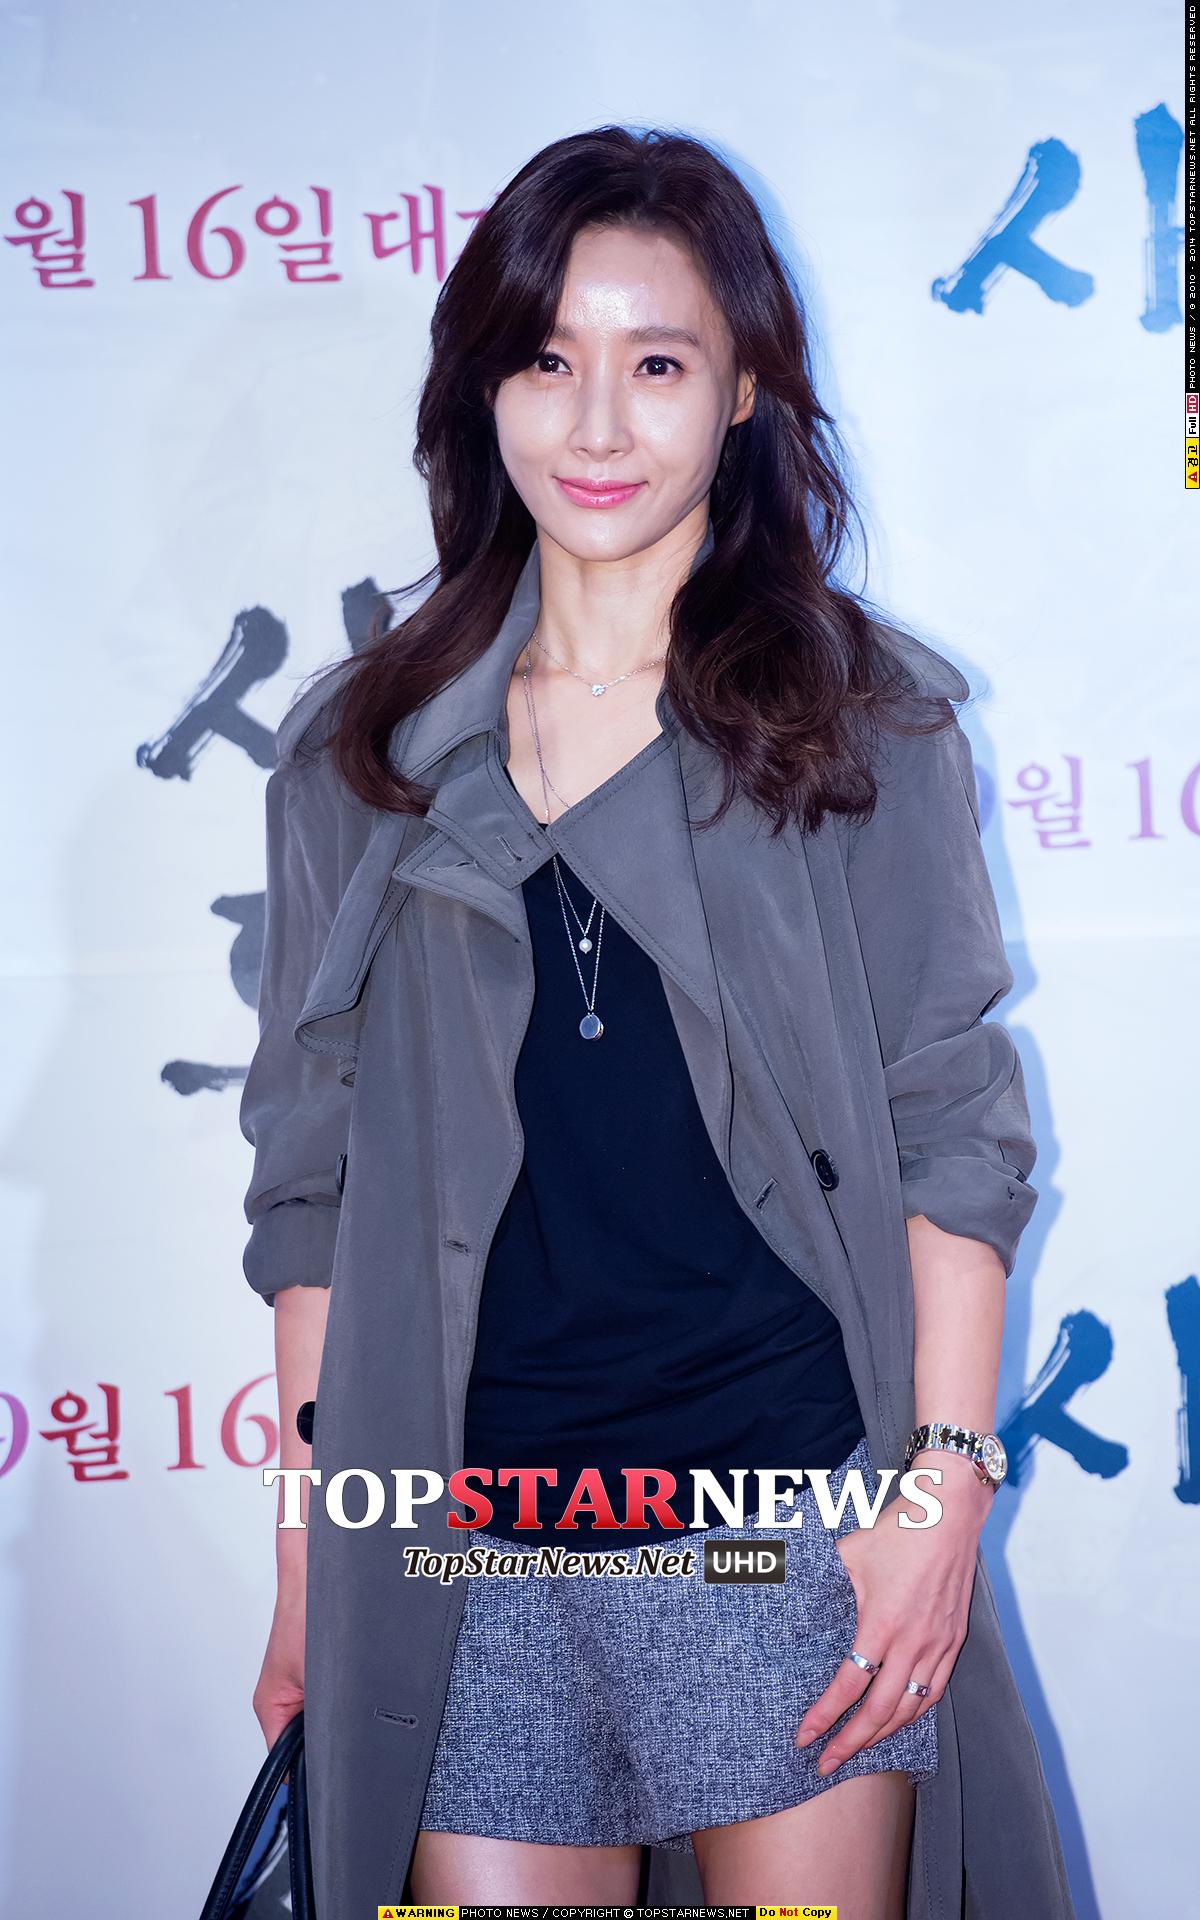 5. 都知嫄 名字大多譯為陶志媛的韓國女演員更扯,甚至曾經發生直接被綁架後丟進後車廂裡的挾持案件。